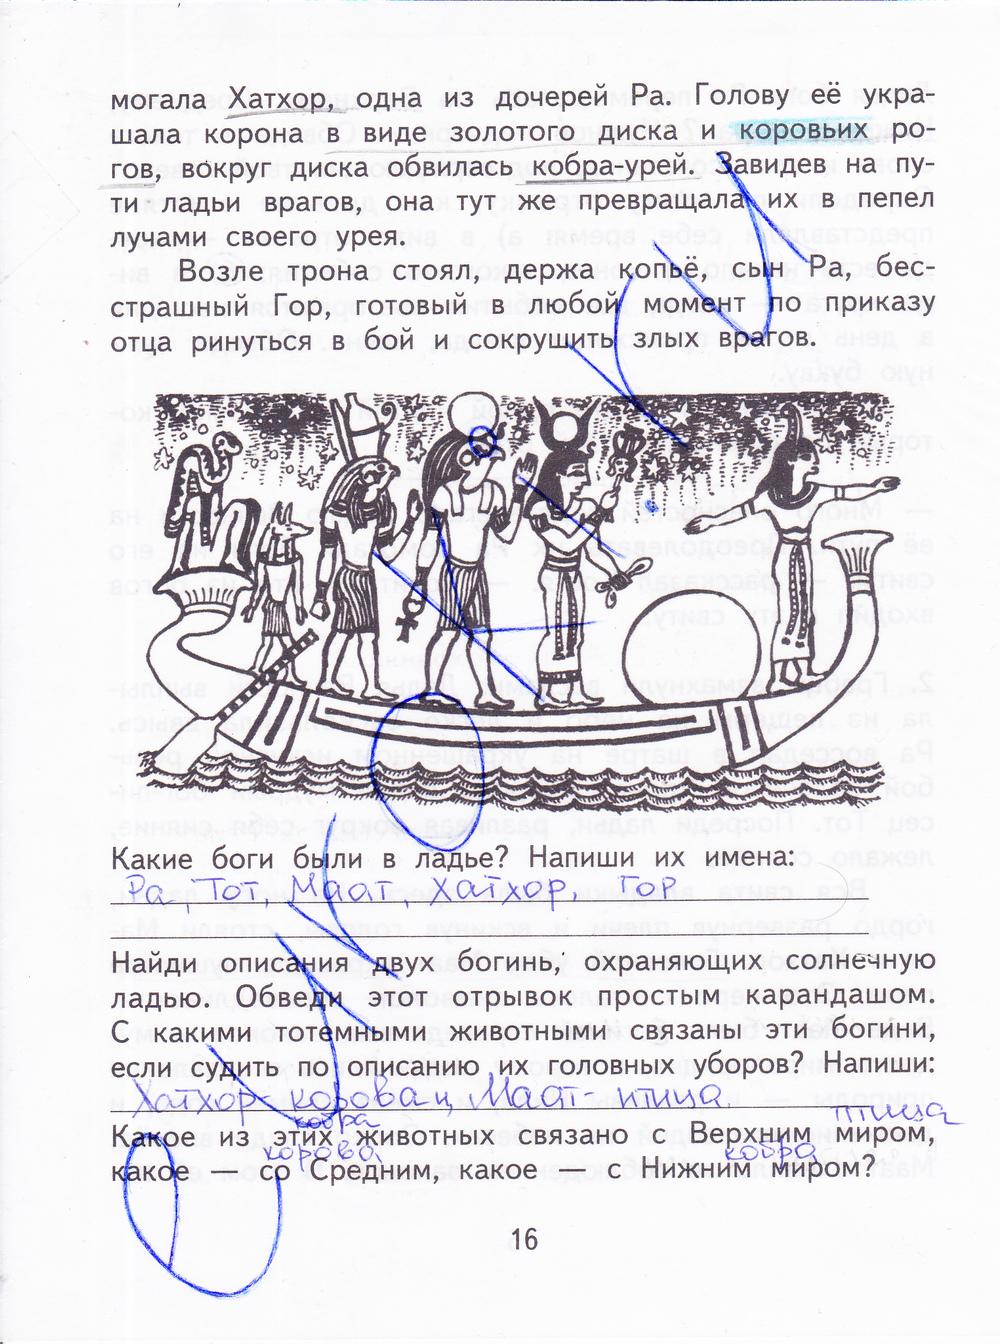 ГДЗ Литературное чтение 3 класс Ефросинина (рабочая тетрадь)